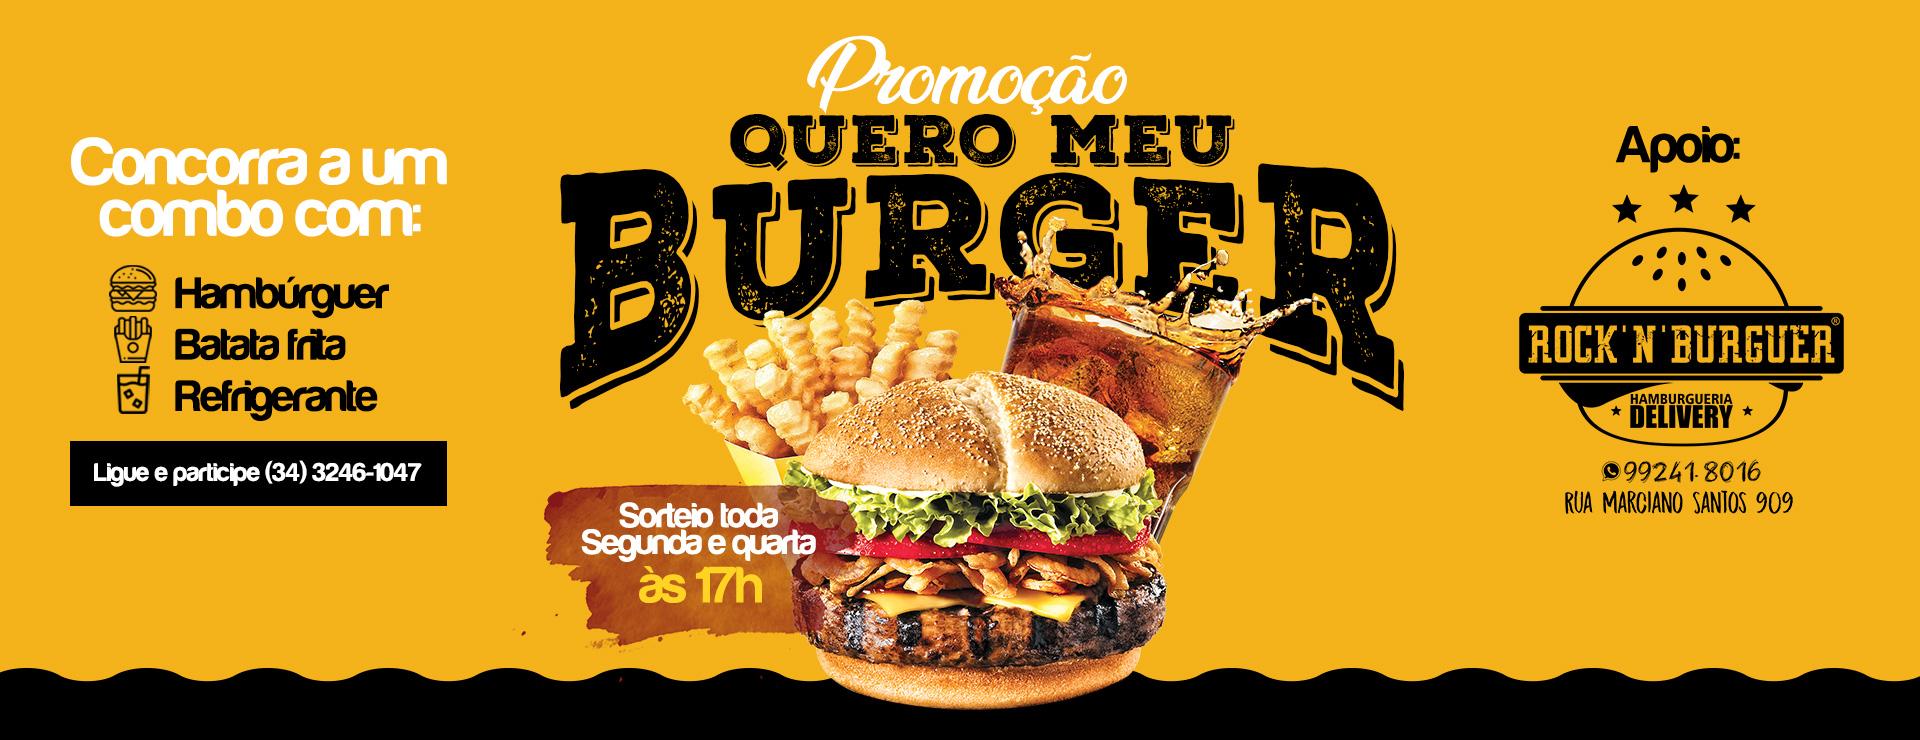 Promoção Burger